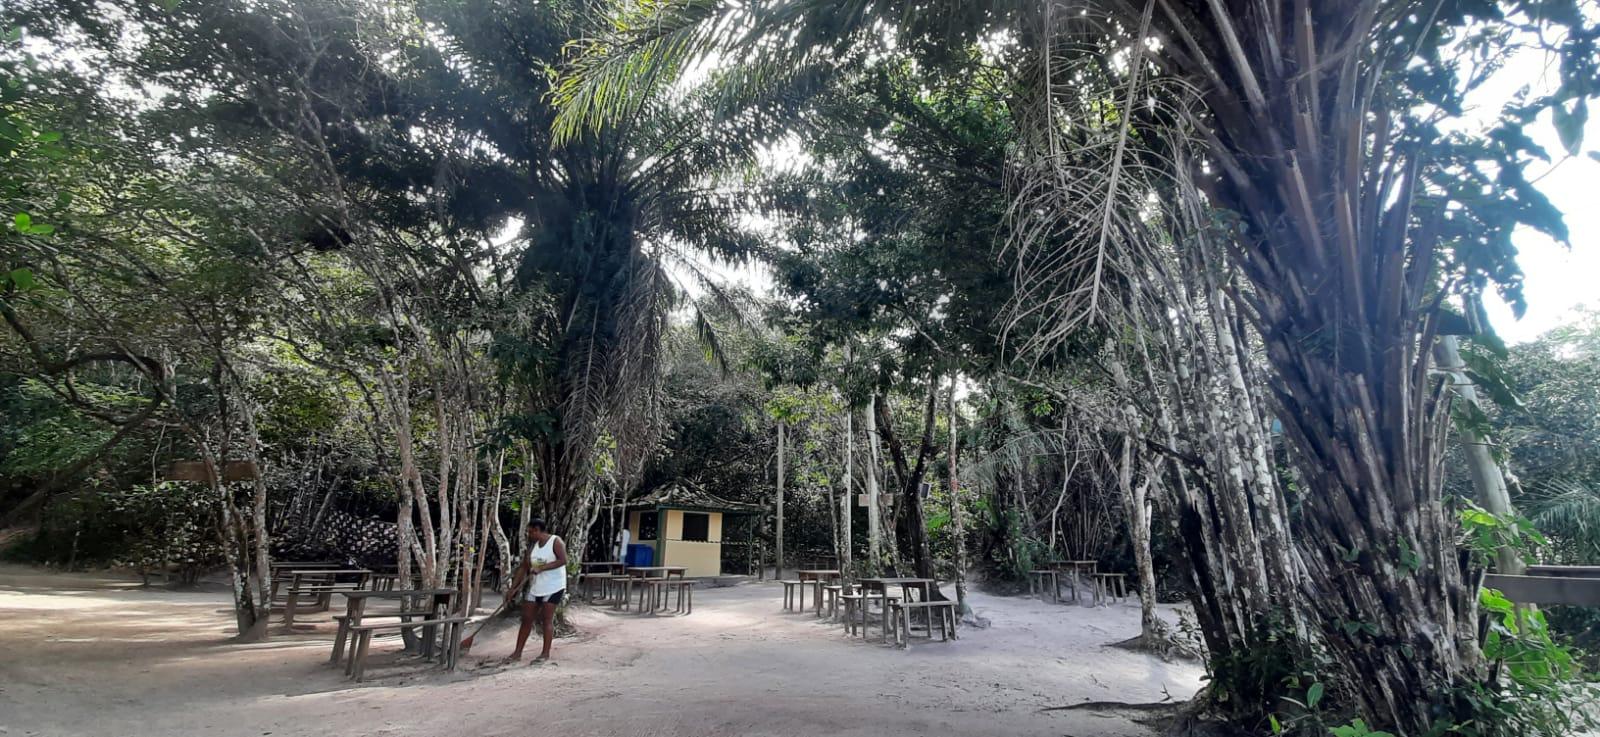 reserva sapiranga praia do forte bahia